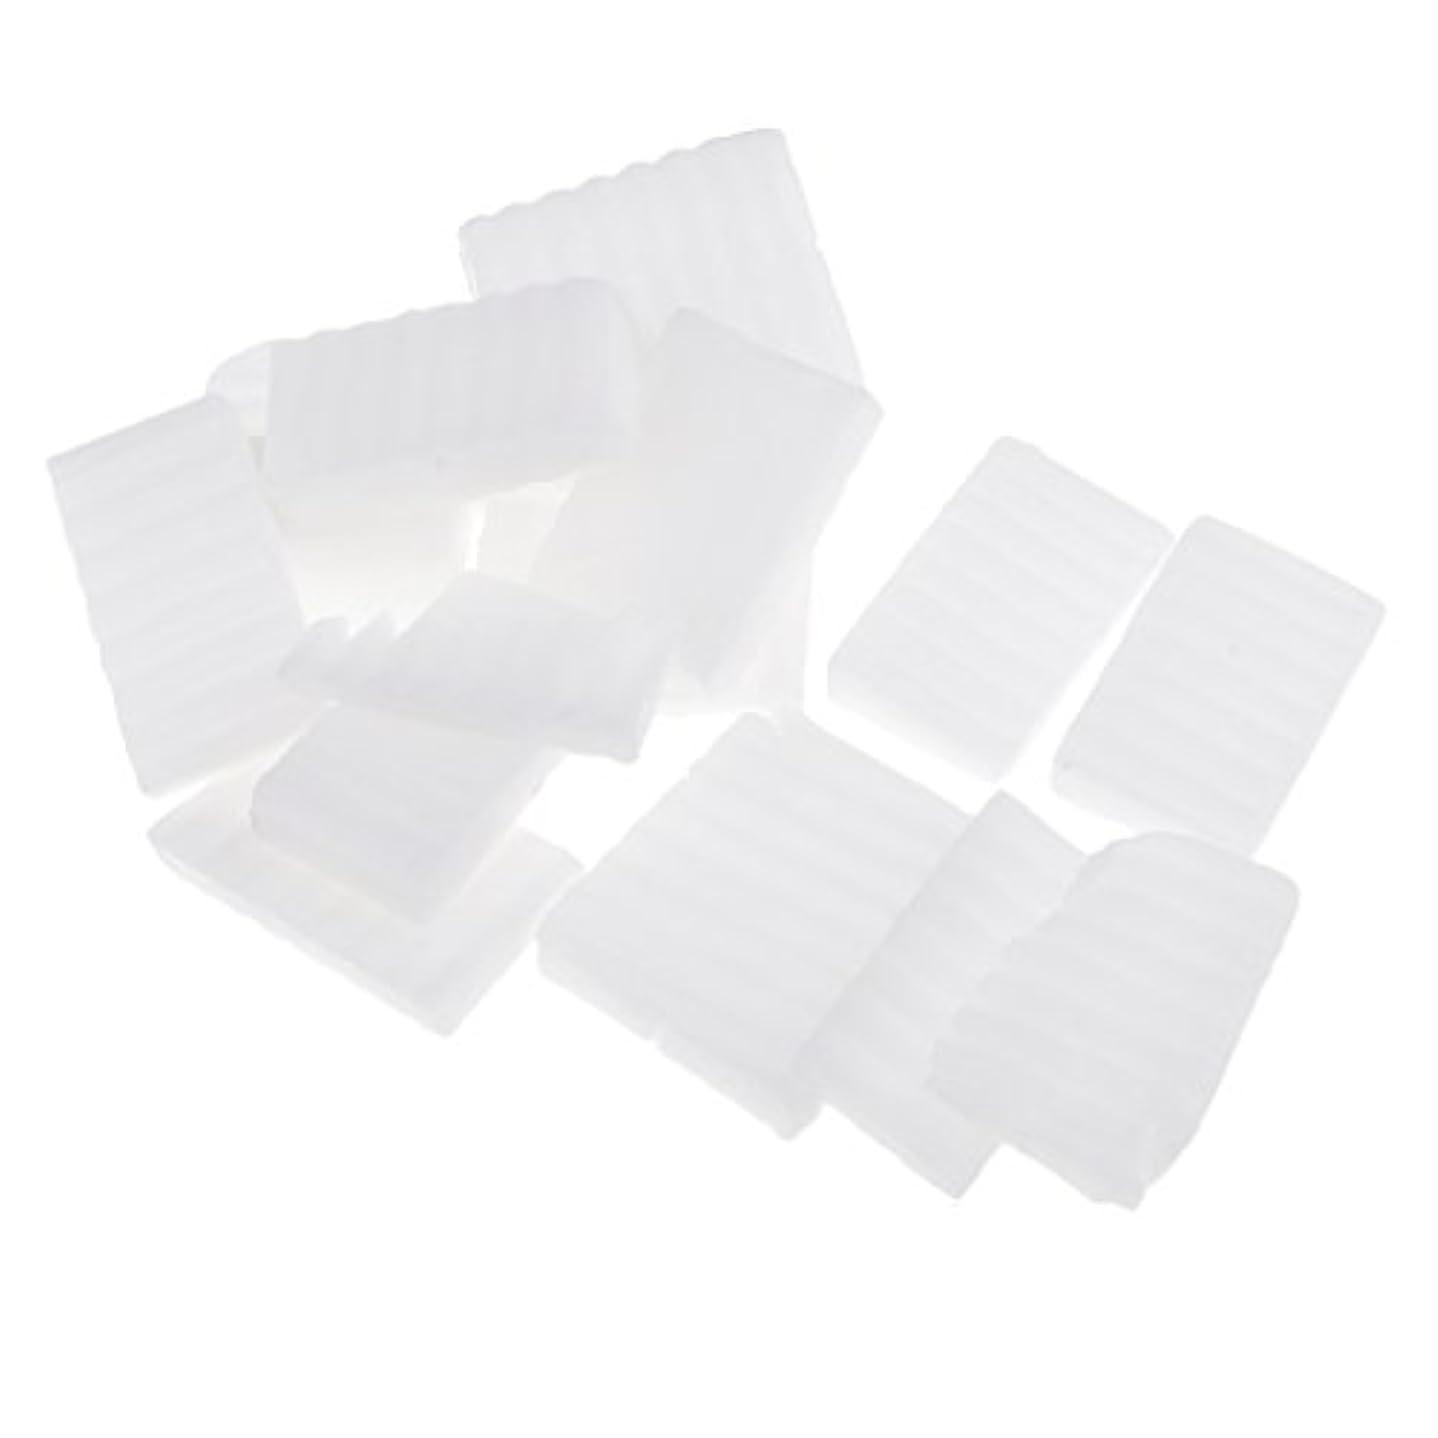 かろうじて理容室シーボードPerfeclan 約500g ホワイト 石鹸ベース DIY 手作り 石鹸 材料